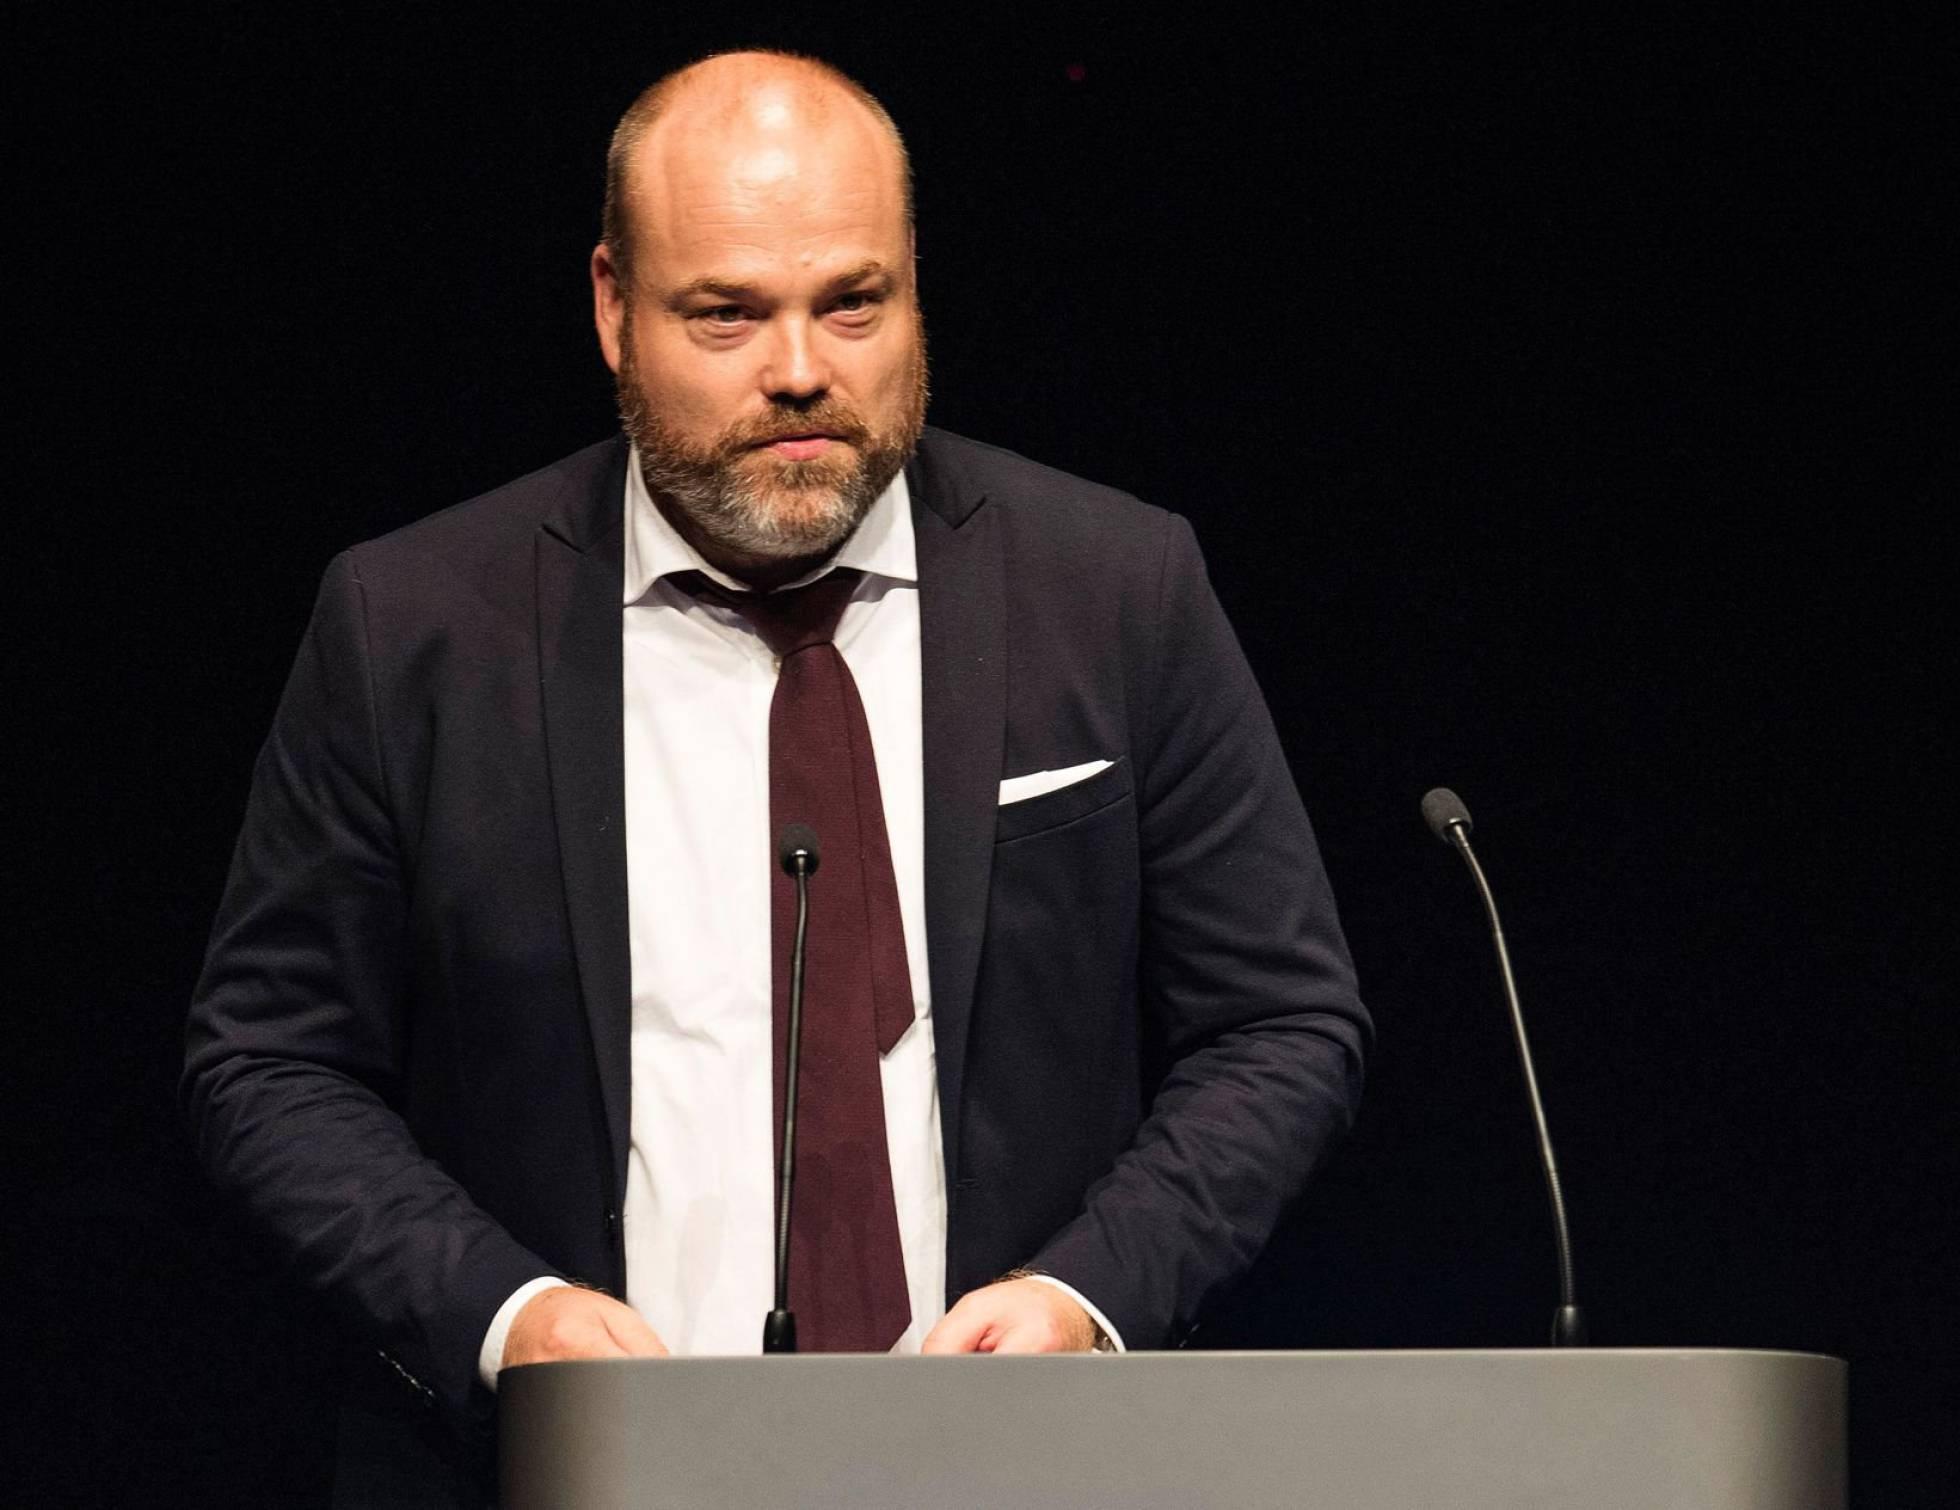 Anders Holch Povlsen, durante un evento en Aarhus (Dinamarca), el 21 de abril de 2017.